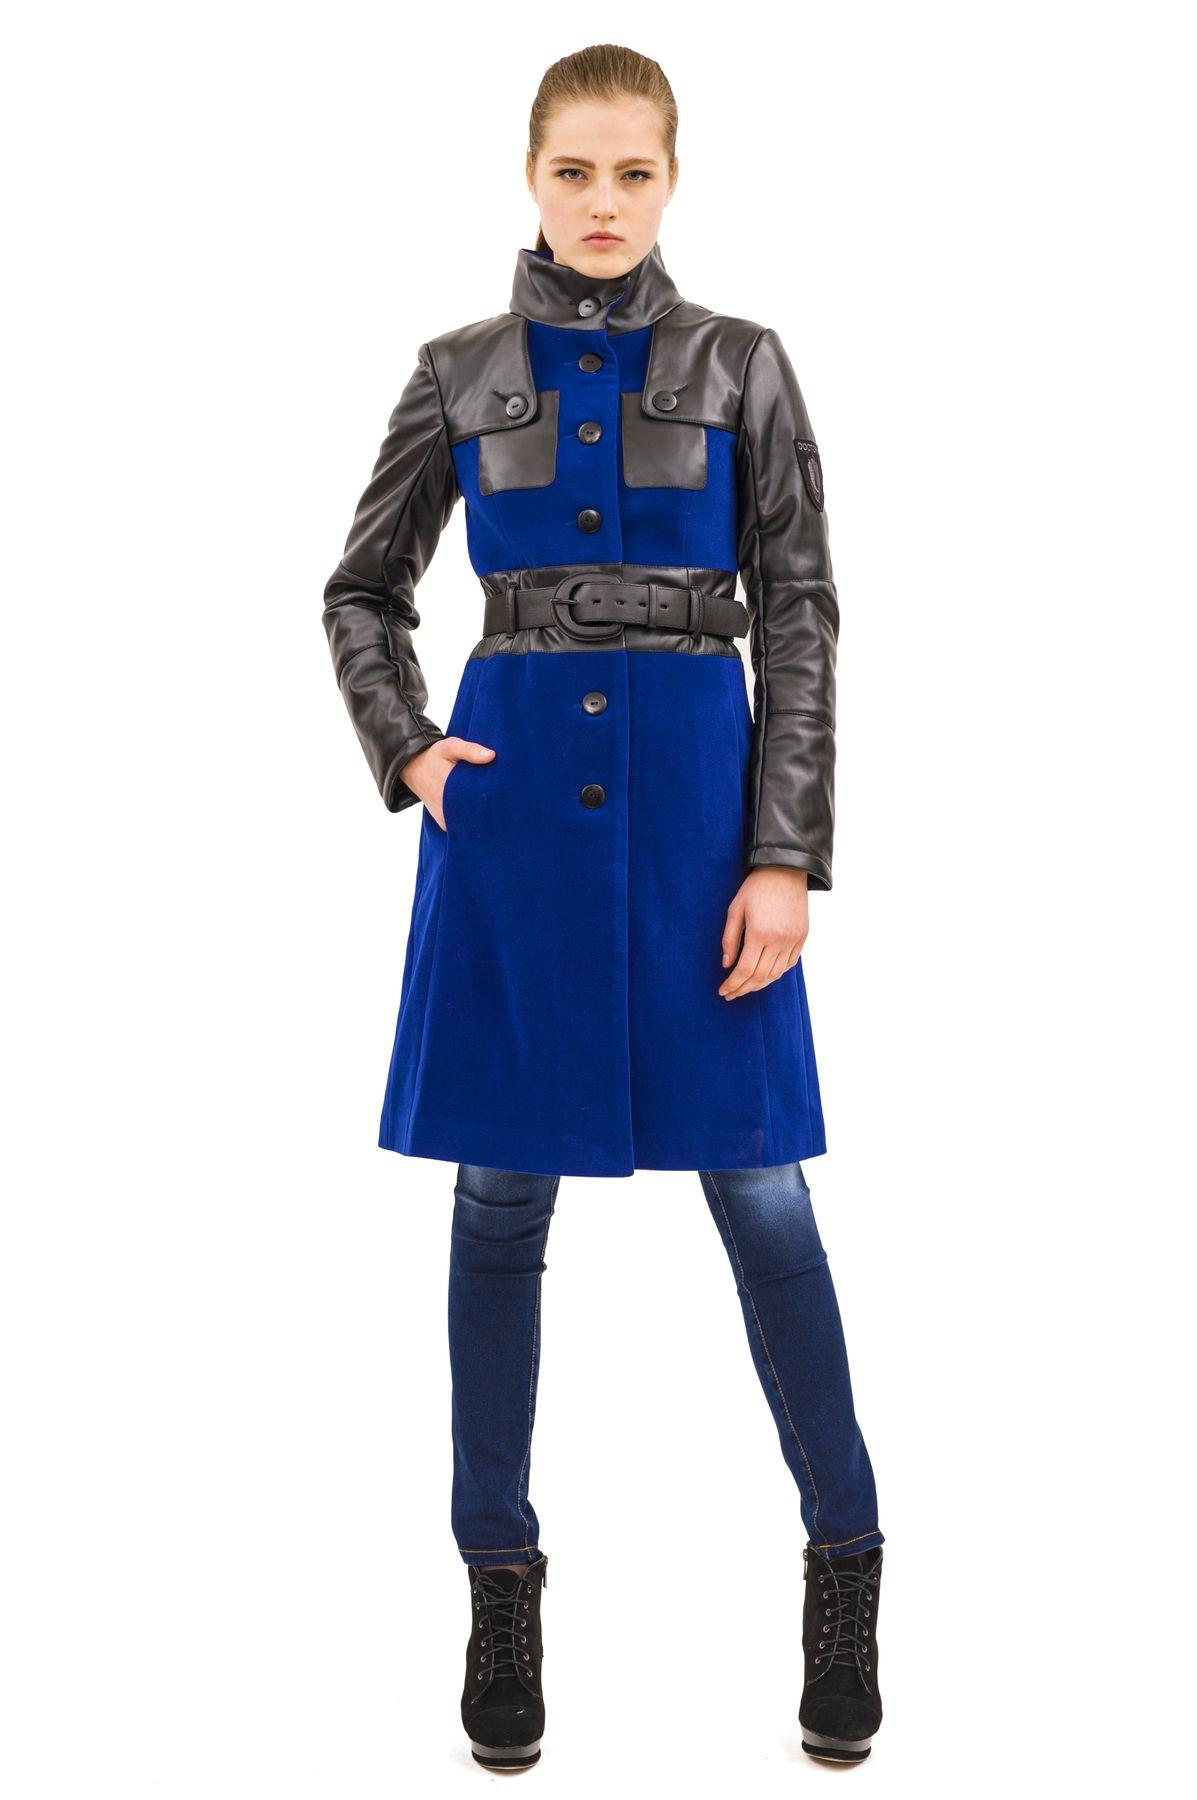 ПальтоЖенские куртки, плащи, пальто<br>Стильное пальто, выполненное в оригинальной контрастной цветовой гамме.  Необычные вставки из кож. зама отлично разбавляет собой лаконичный дизайн этого пальто. Яркий, женственный вариант для холодного сезона<br><br>Цвет: черный,синий<br>Состав: 65% полиэстер, 18% вискоза, 15% шерсть, 2% эластан<br>Размер: 42,44<br>Страна дизайна: Россия<br>Страна производства: Россия